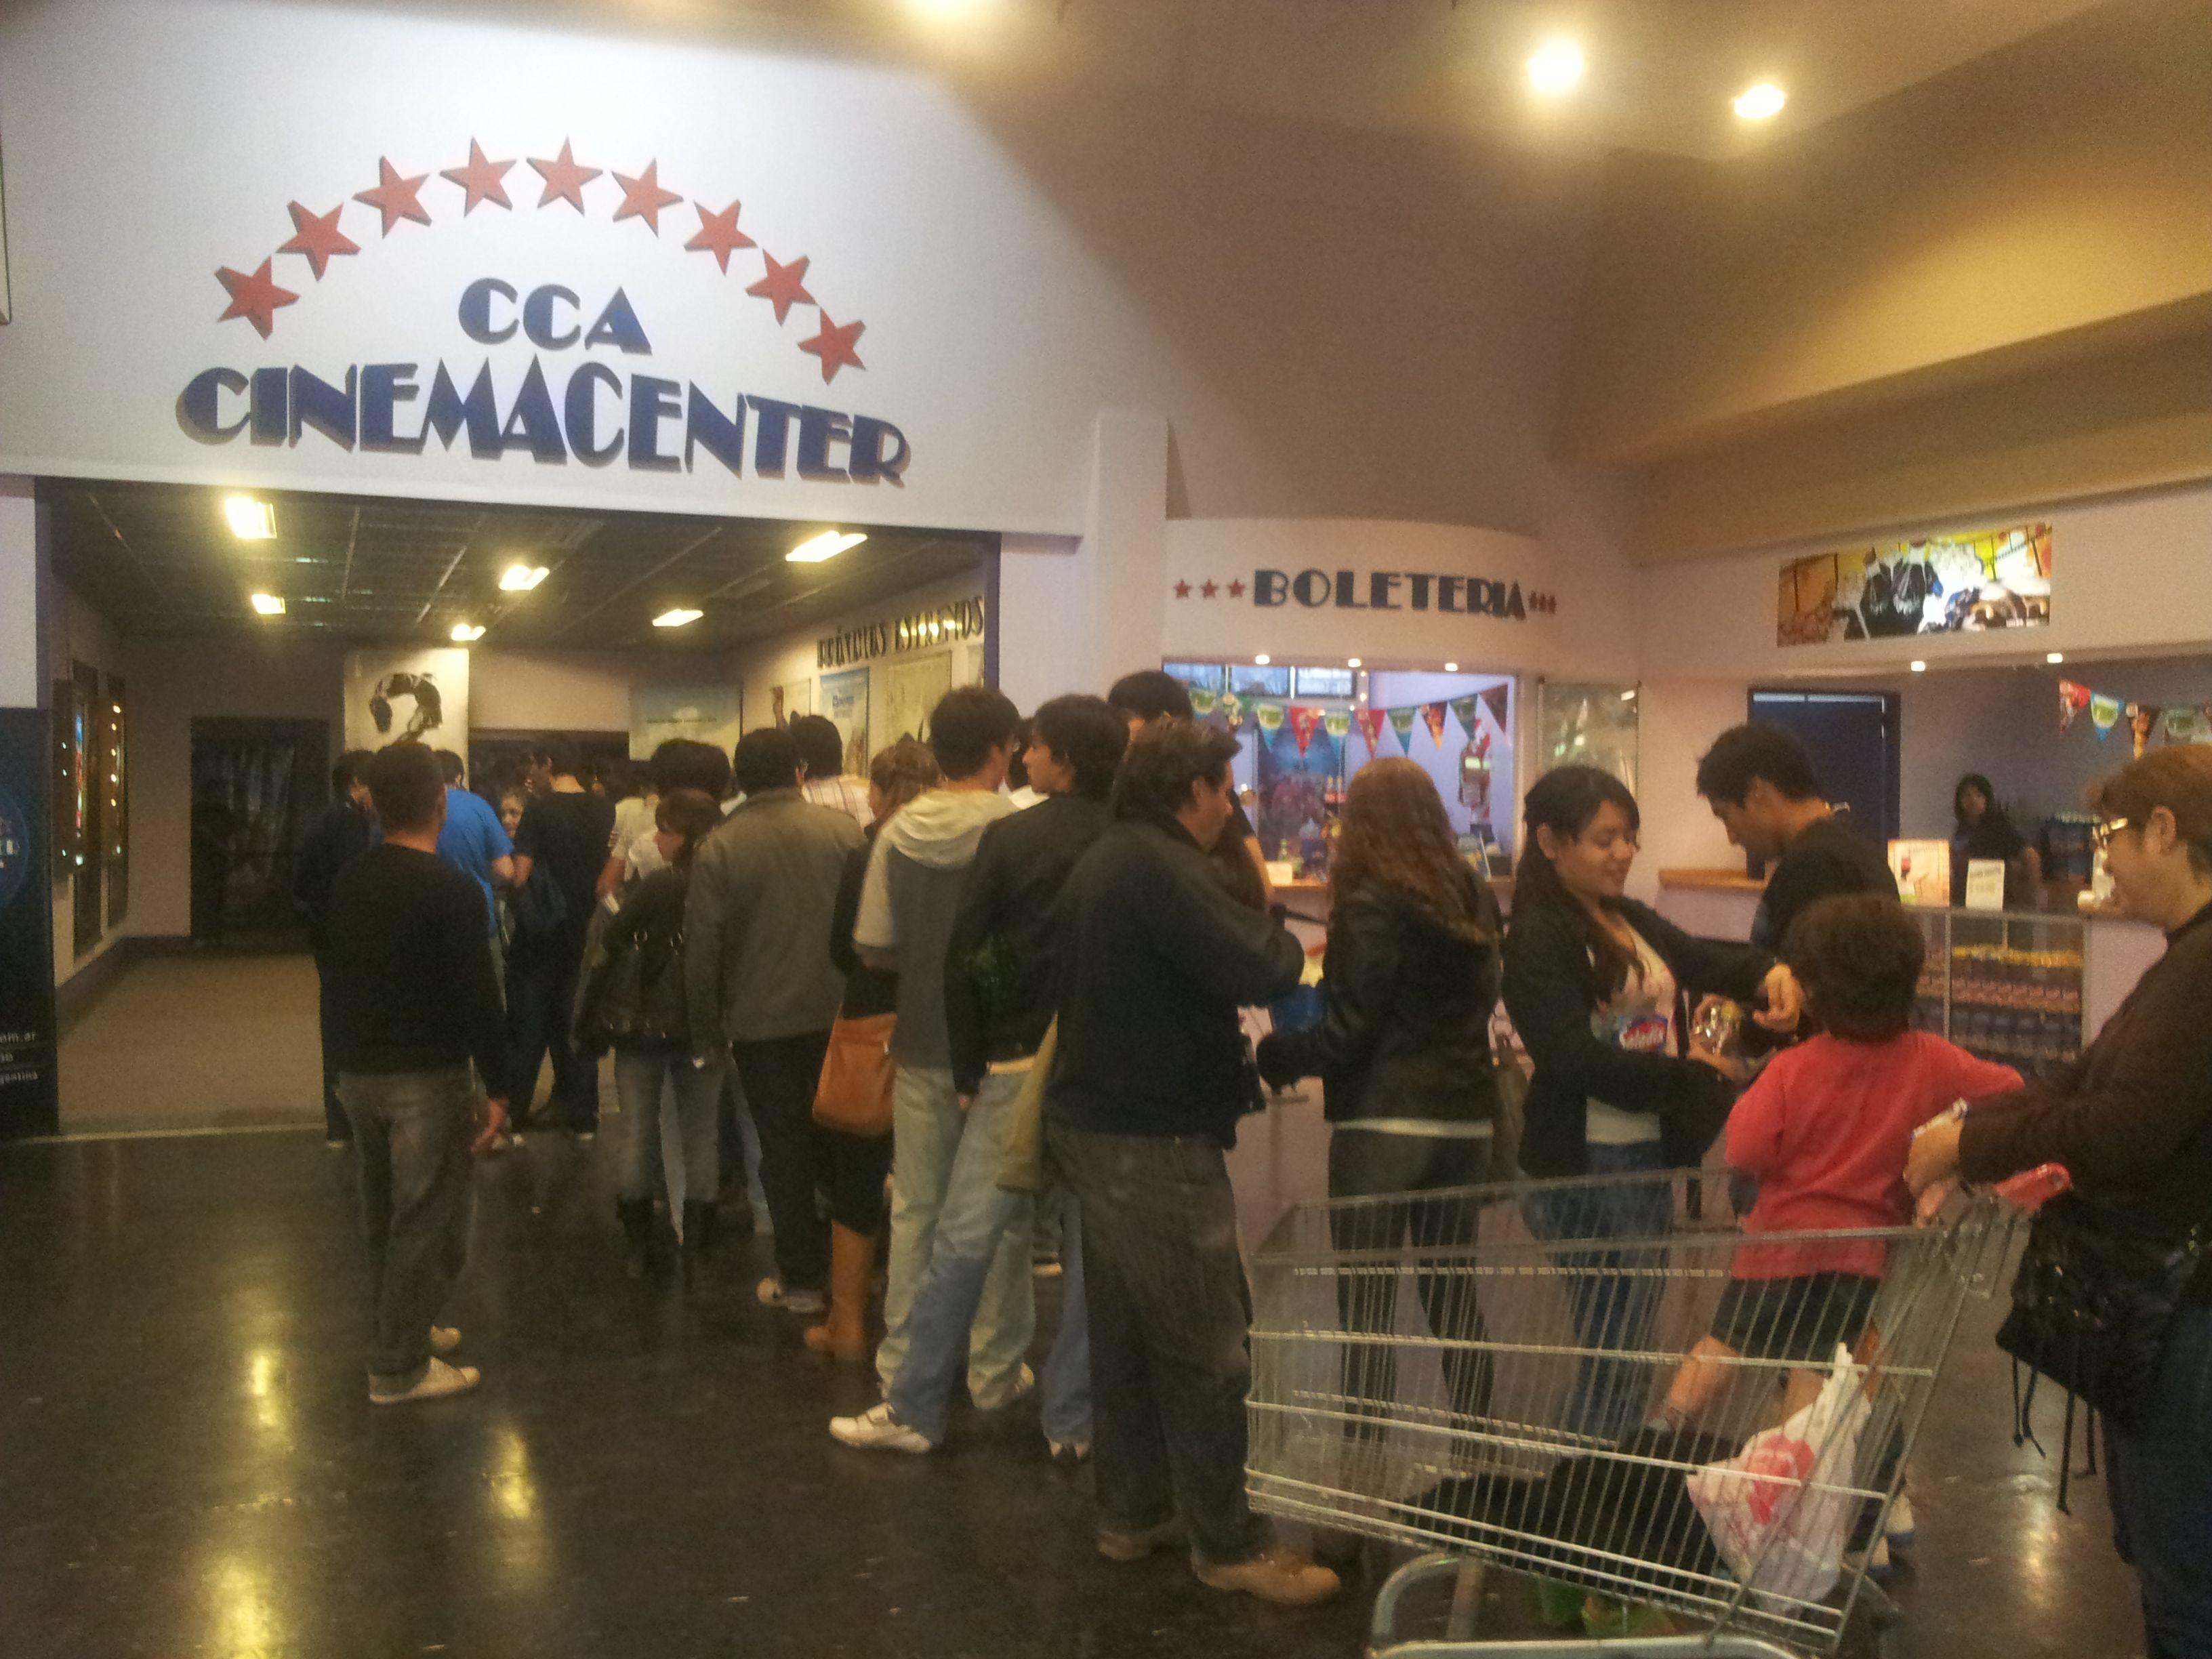 Otra tarde de cine con nuestros clientes al día. Gracias por acompañarnos.